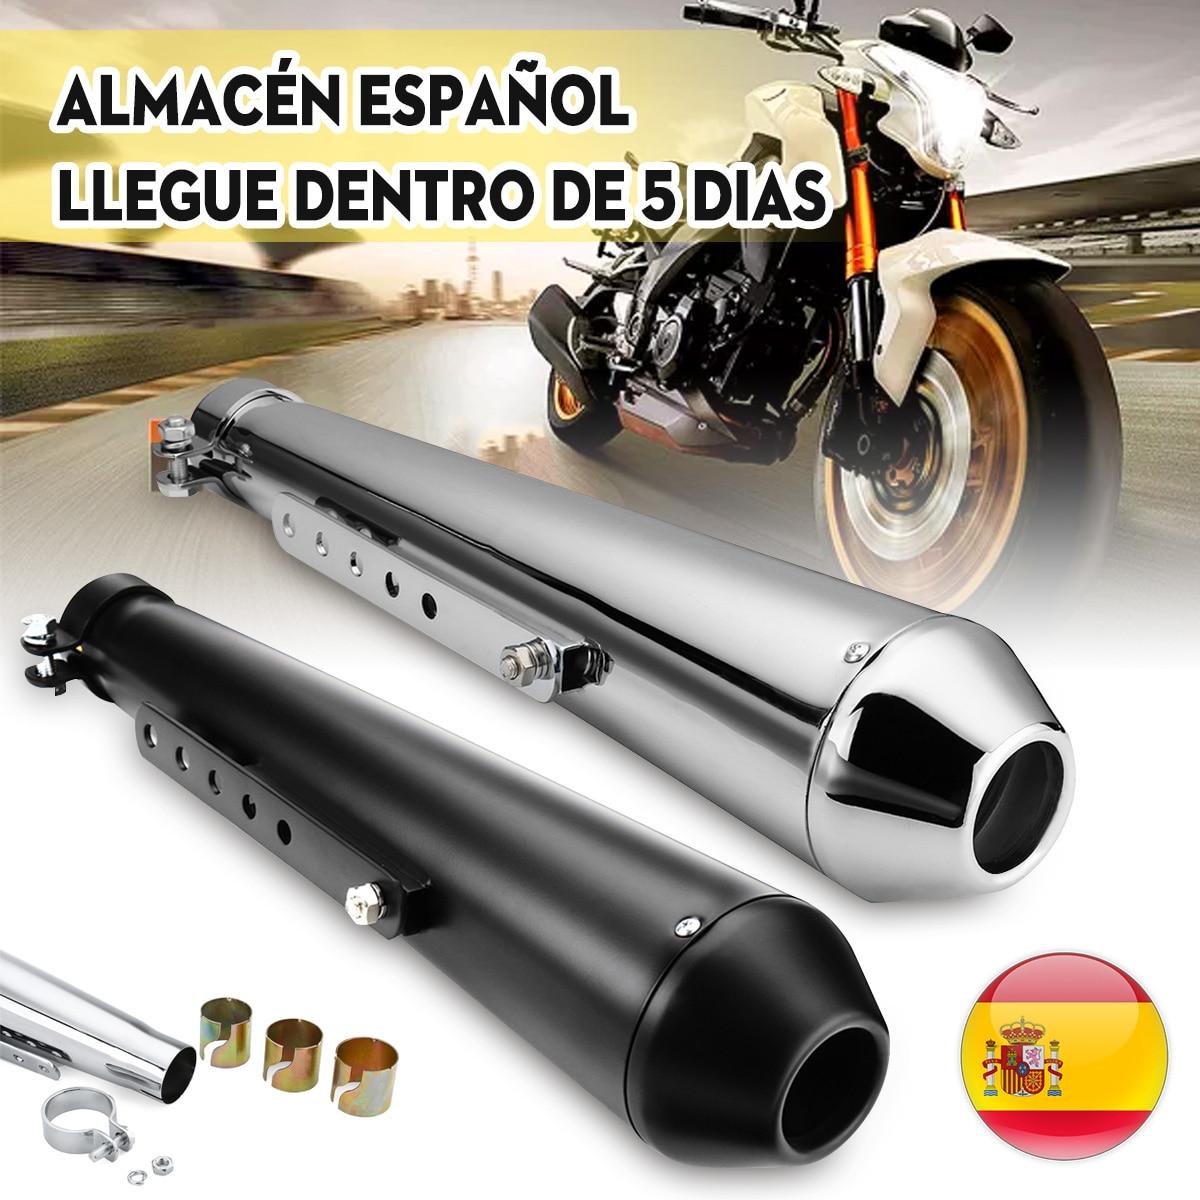 Tubo De Escape Para Motocicleta Tubo De Escape Com Suporte Deslizante Fosco Preto Universal Motorcycle Exhaust Pipe Motorcycle Pipes Exhaustcafe Racer Exhaust Aliexpress